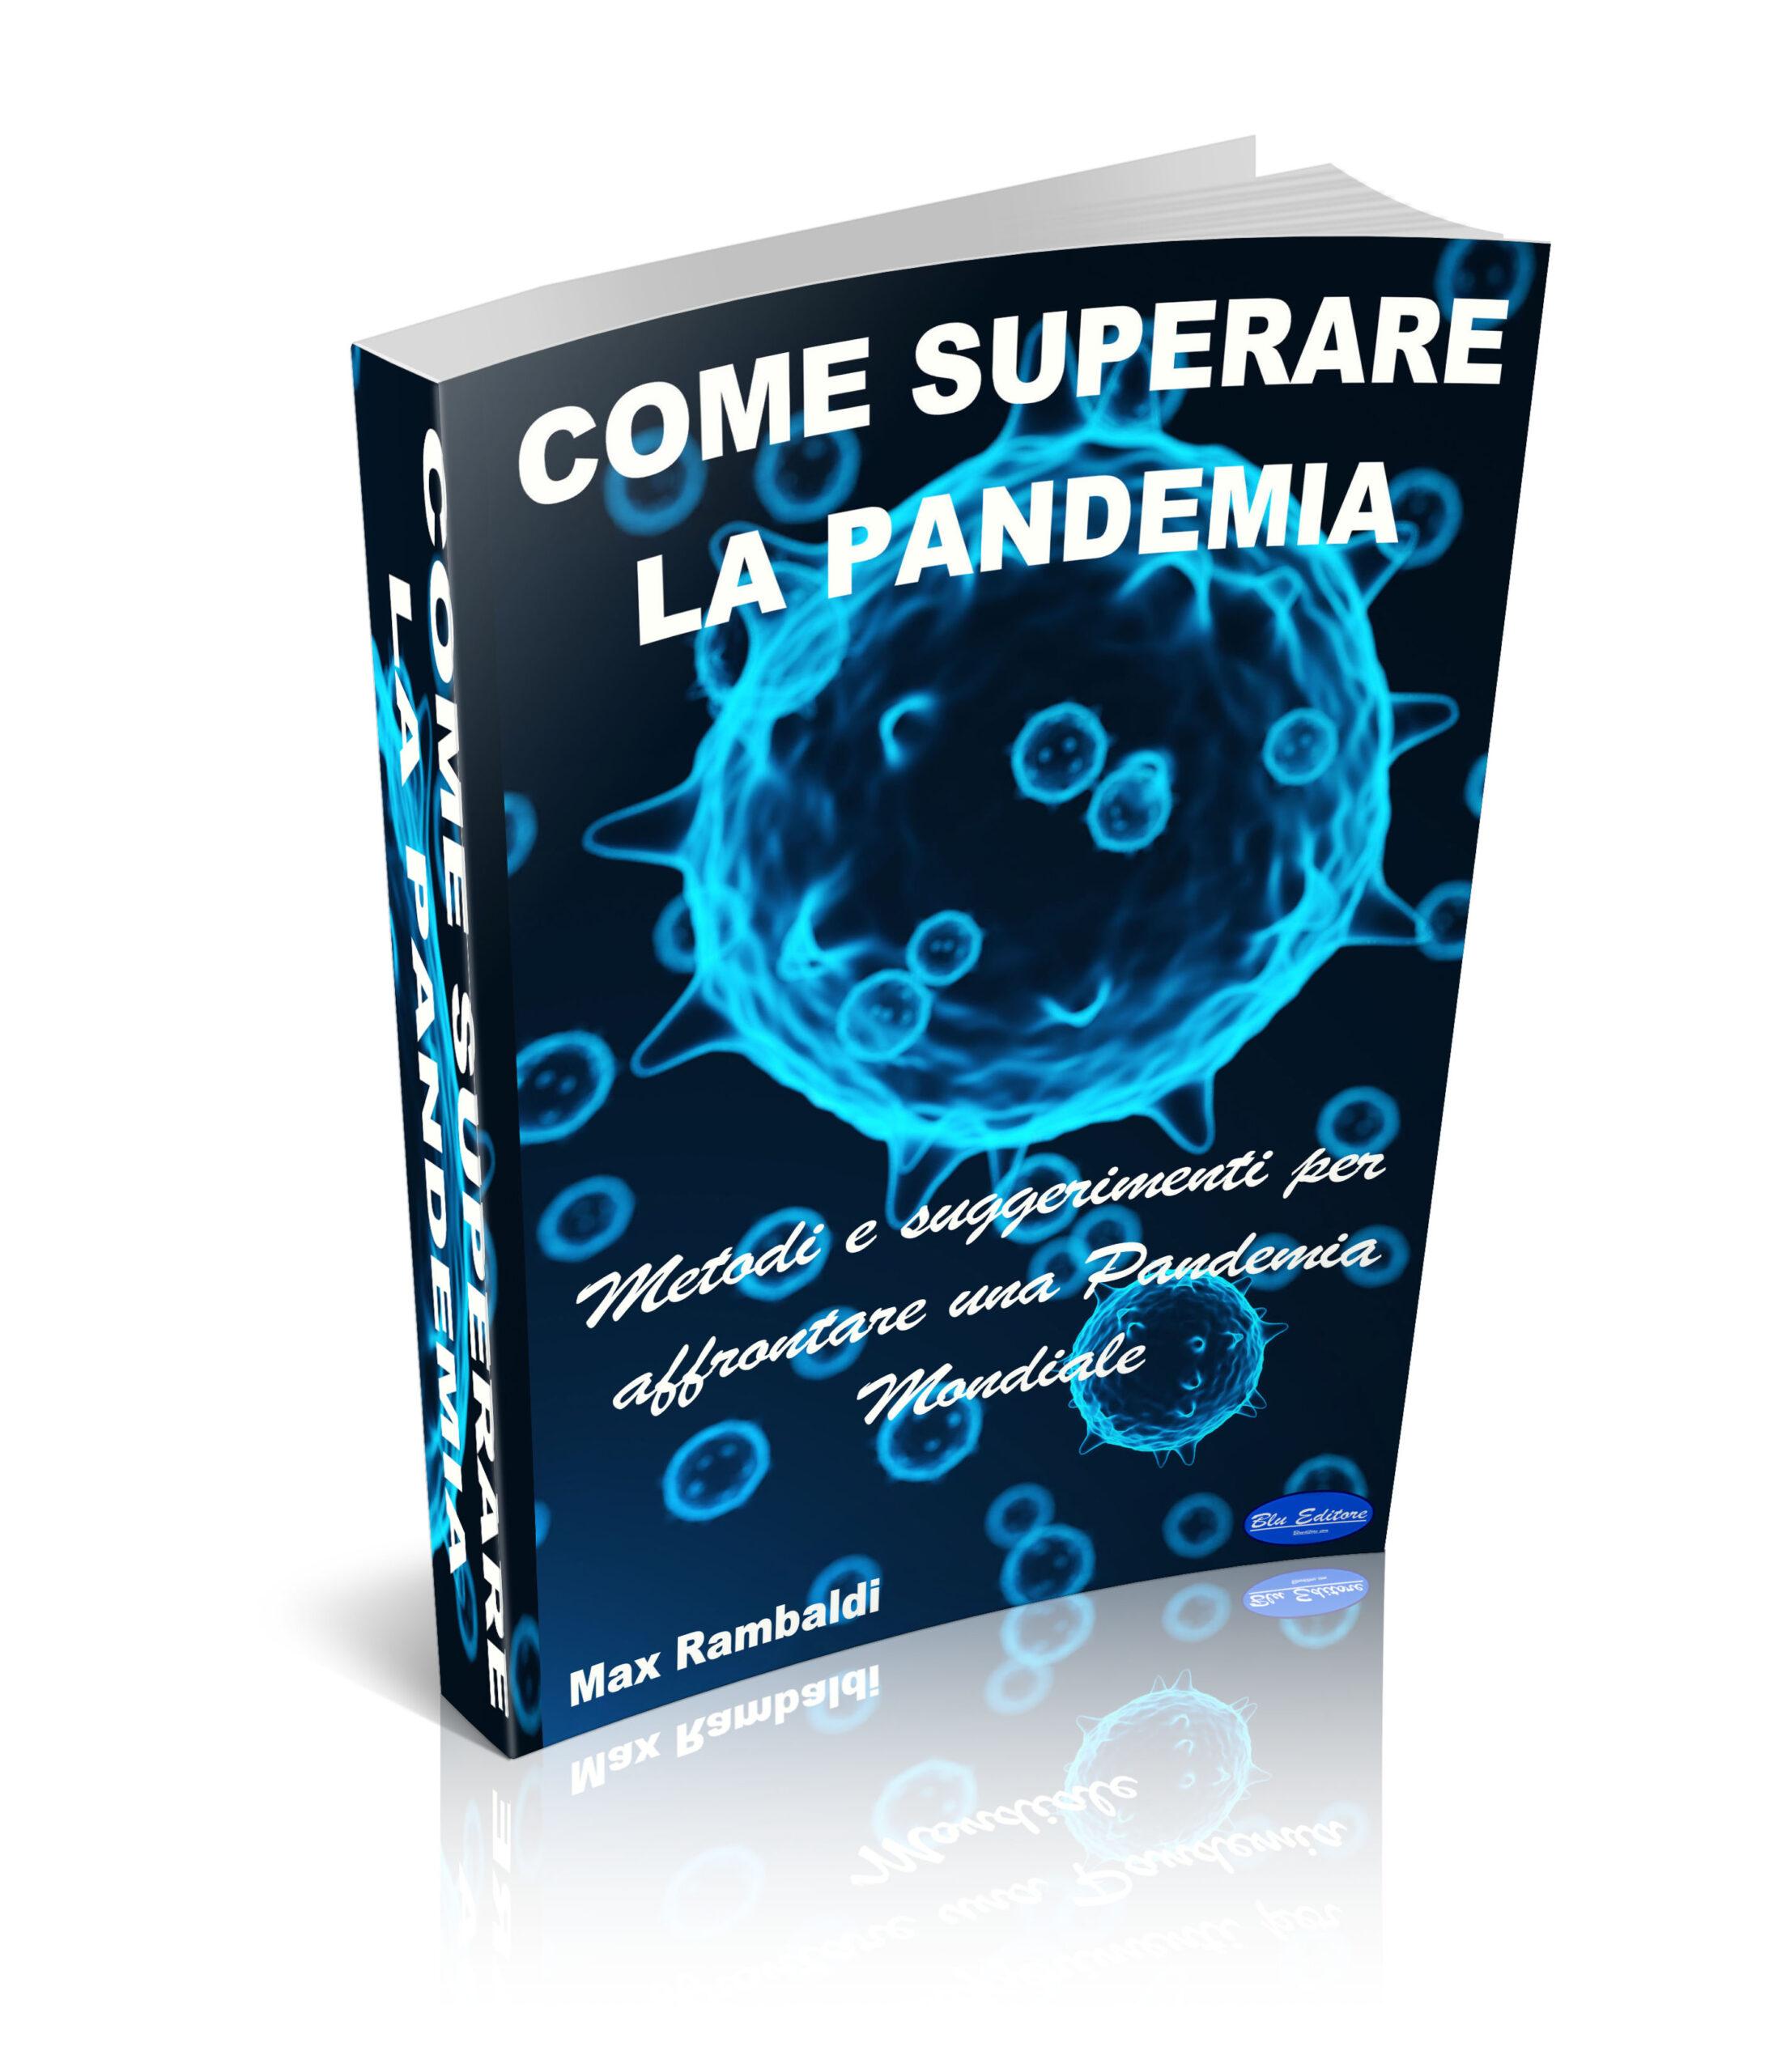 Come superare la Pandemia